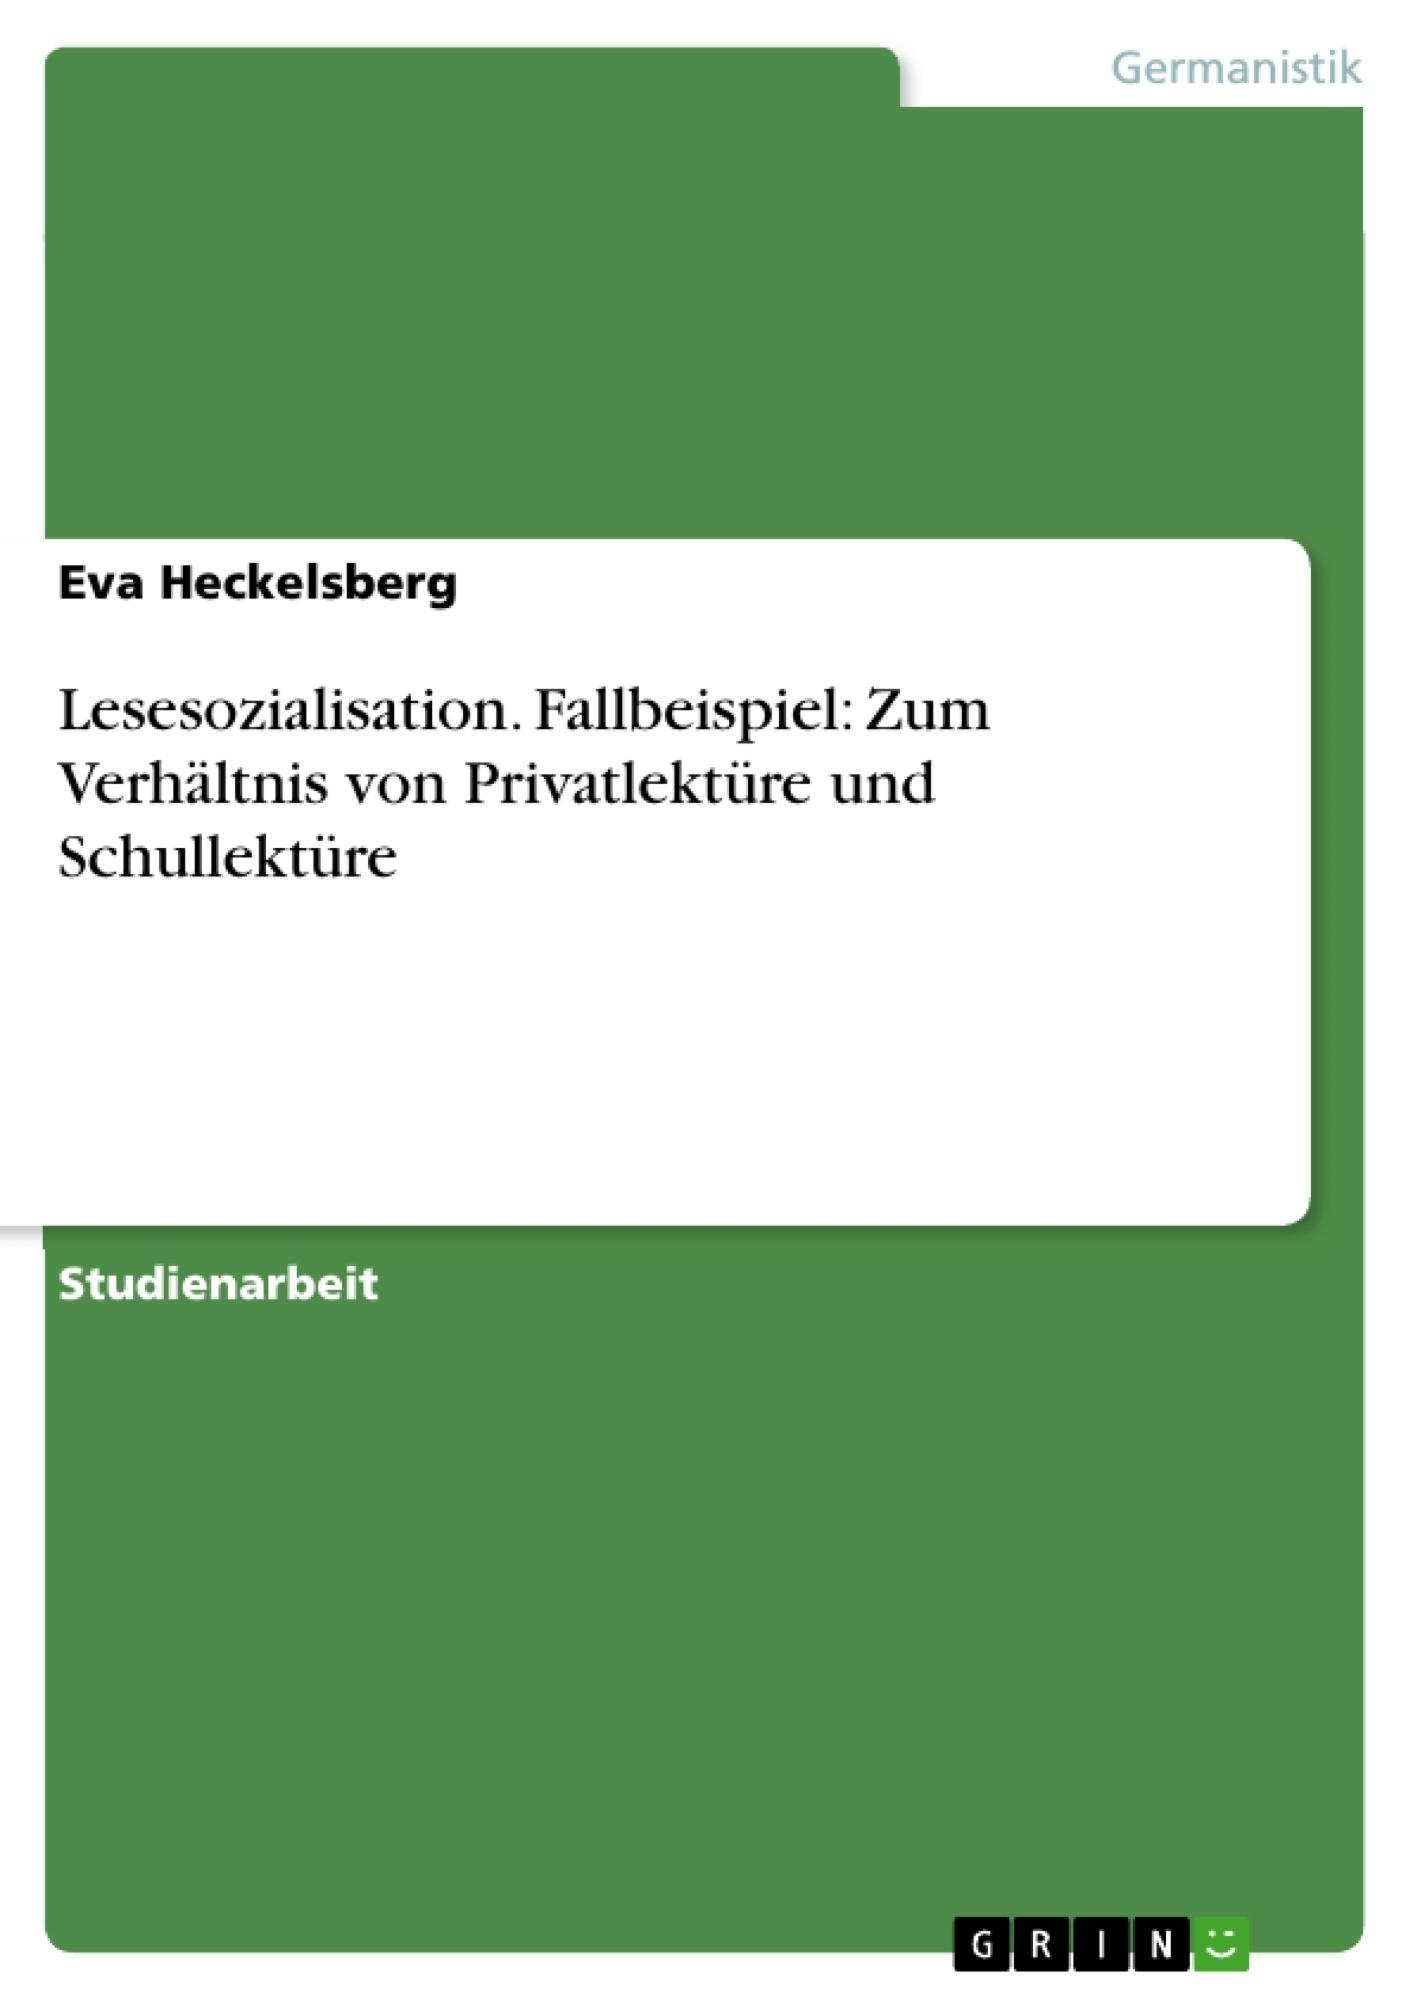 Titel: Lesesozialisation. Fallbeispiel: Zum Verhältnis von Privatlektüre und Schullektüre